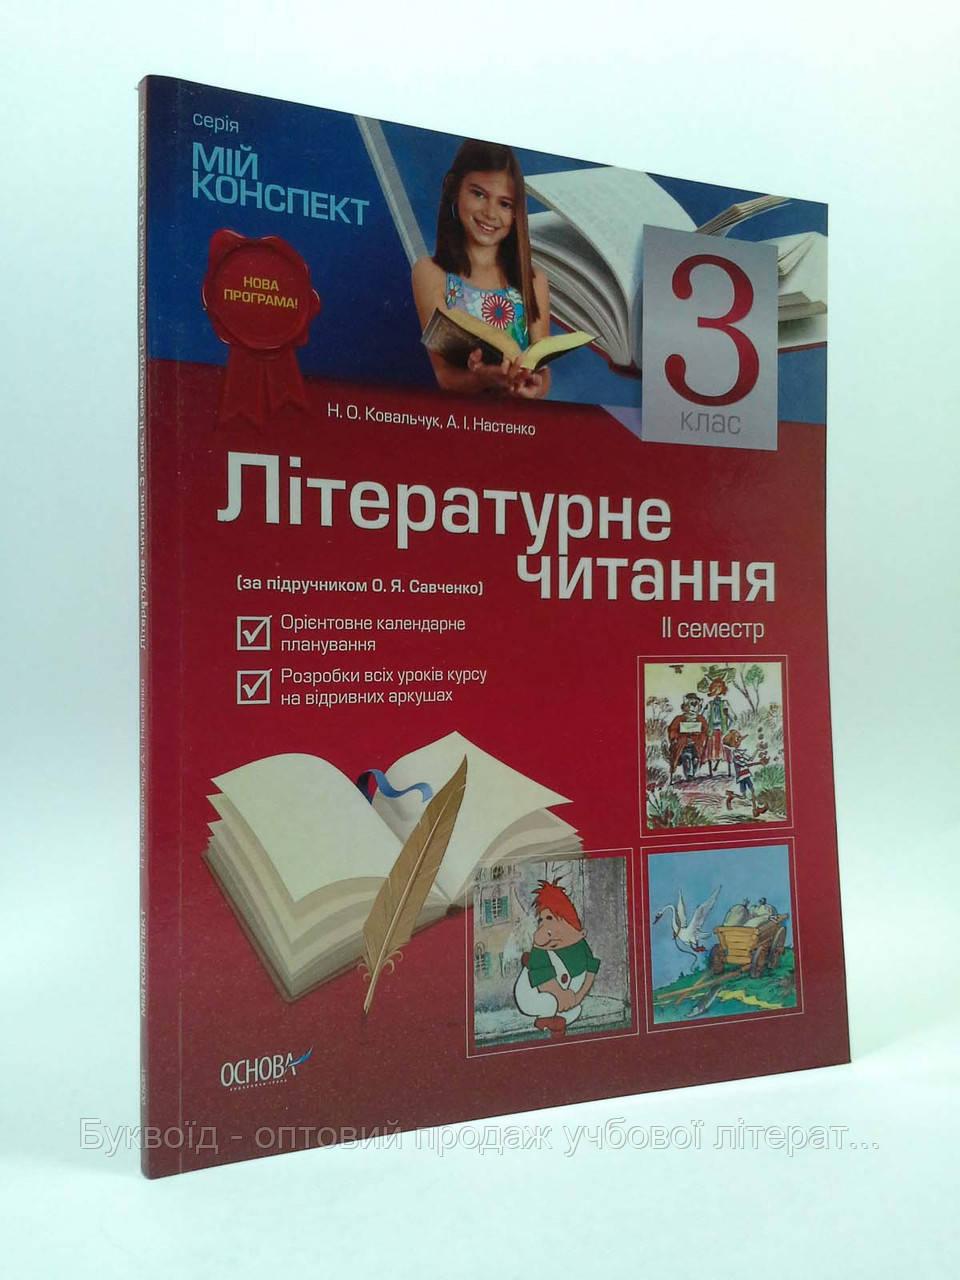 3 клас Основа Мій конспект Розробки уроків Літературне читання 3 клас до Савченко ІІ семестр Ковальчук